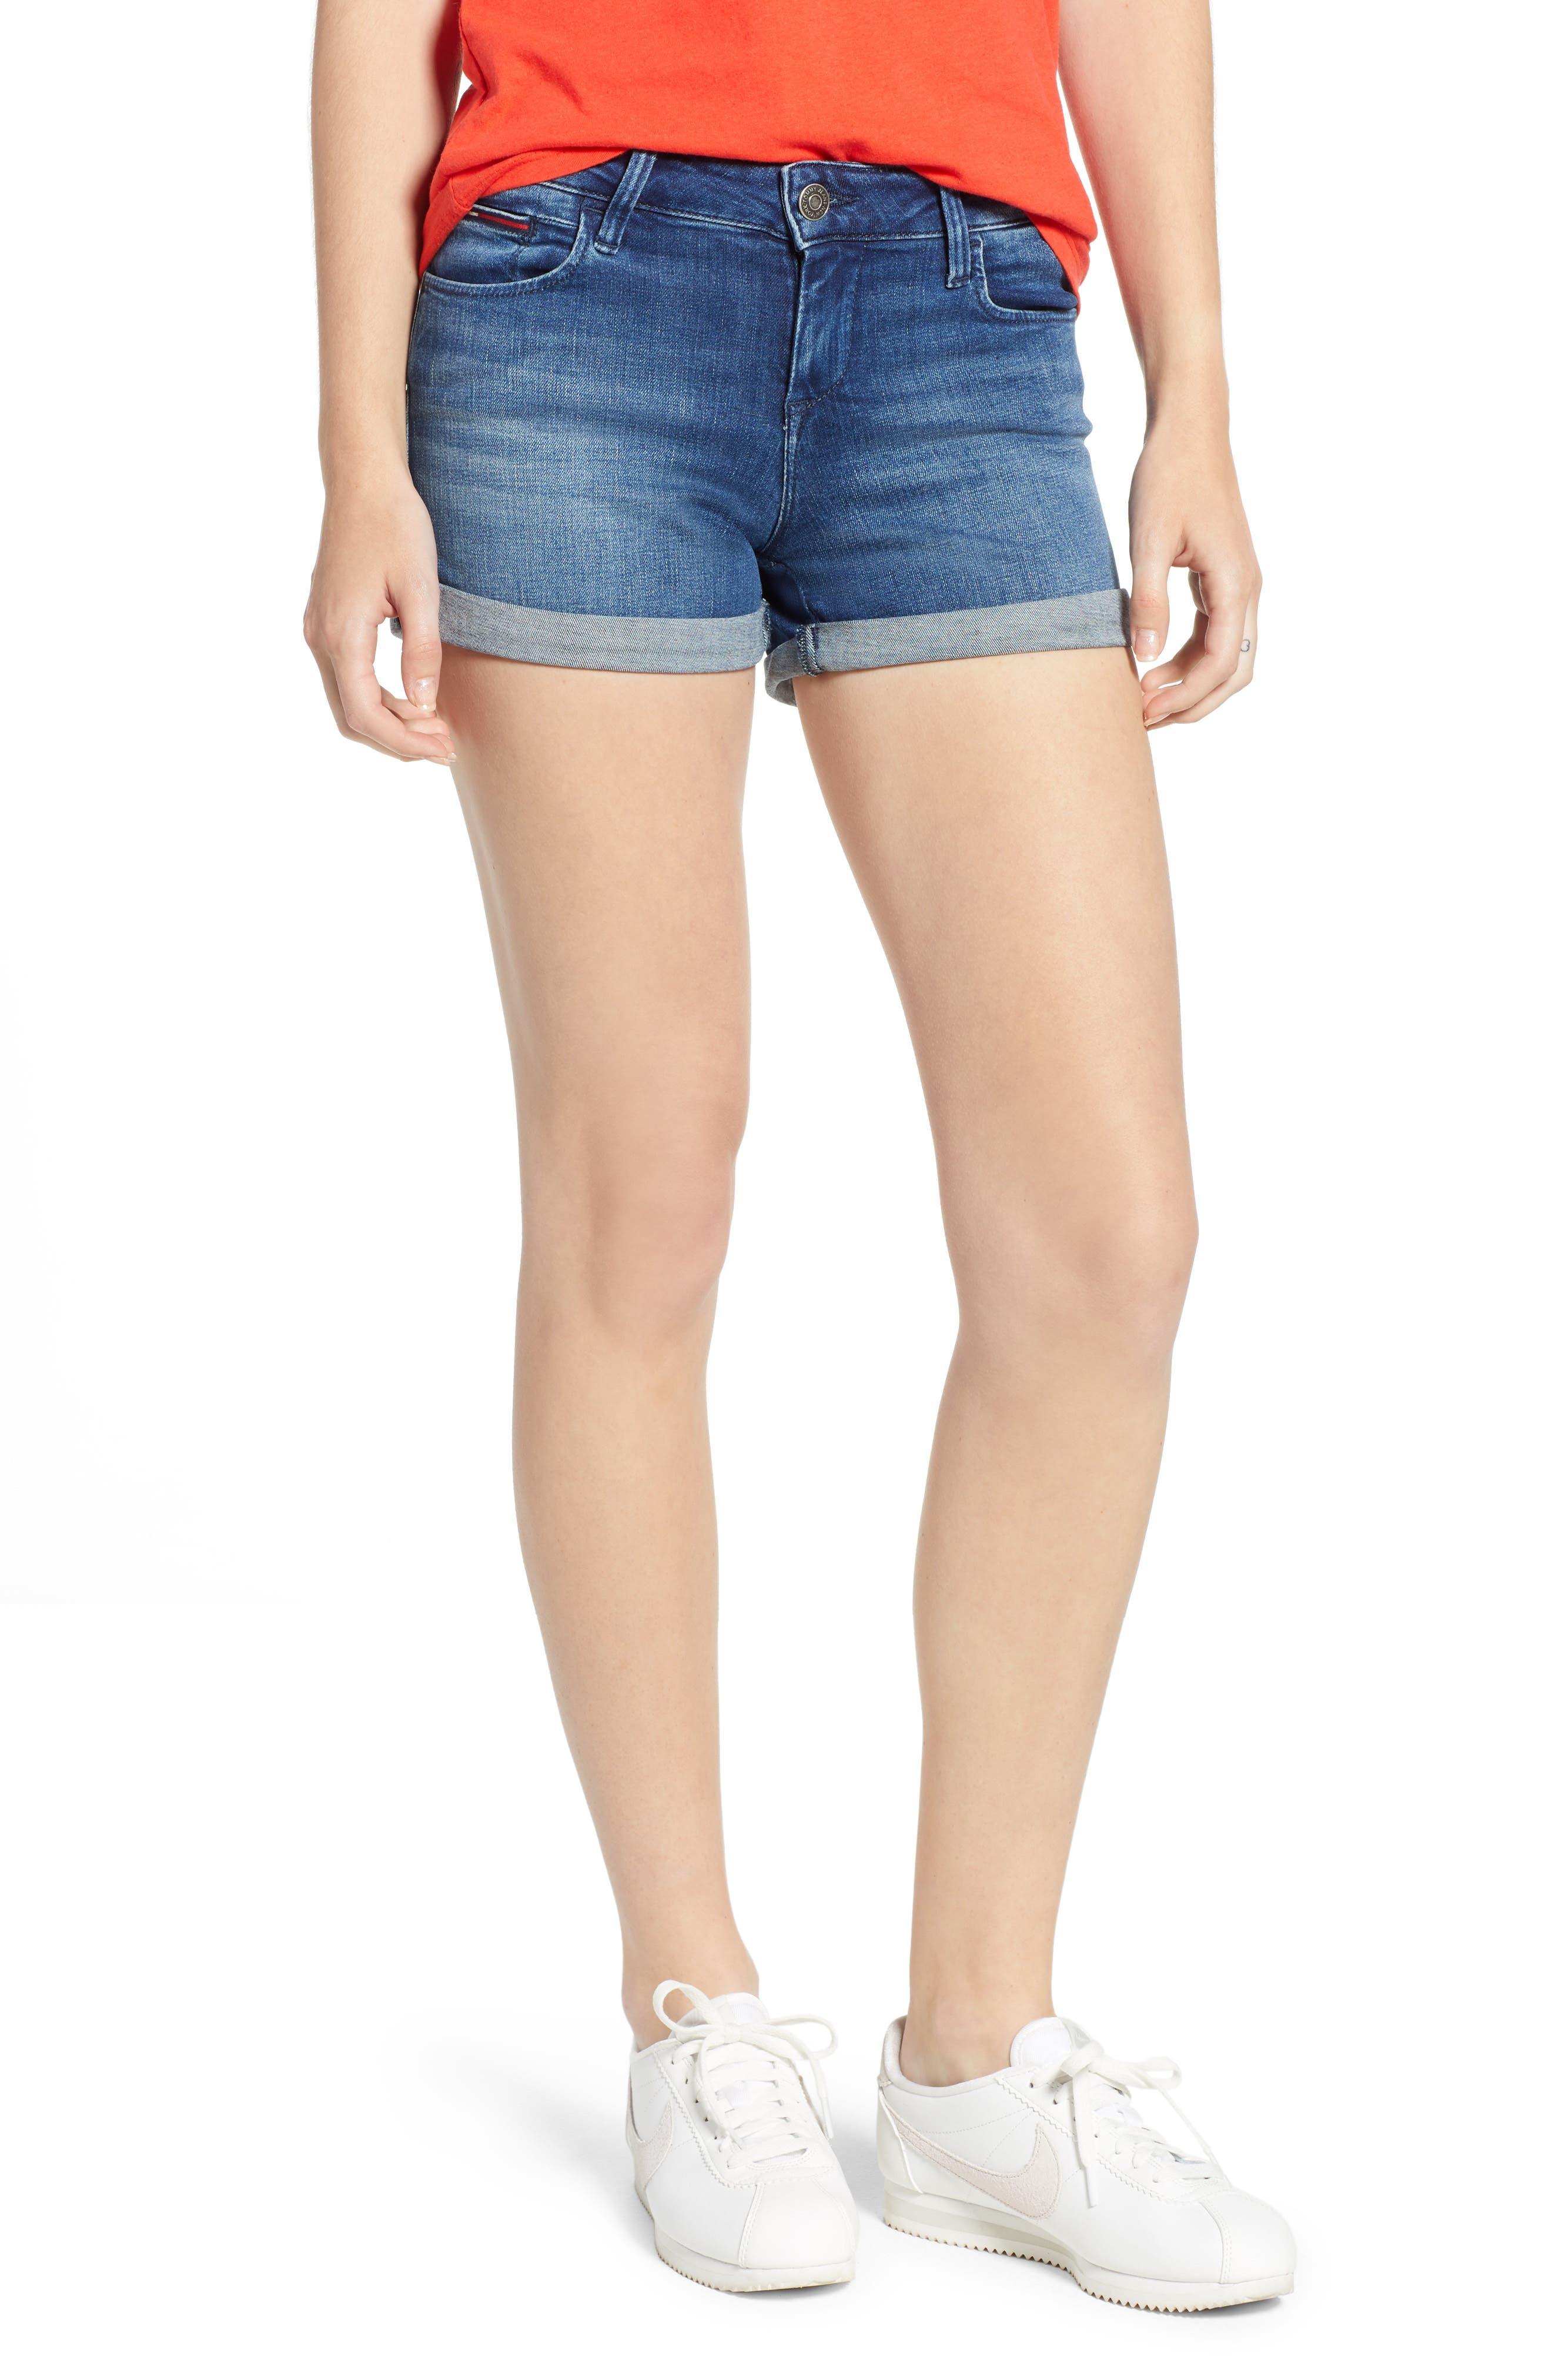 TJW Denim Shorts,                             Main thumbnail 1, color,                             400